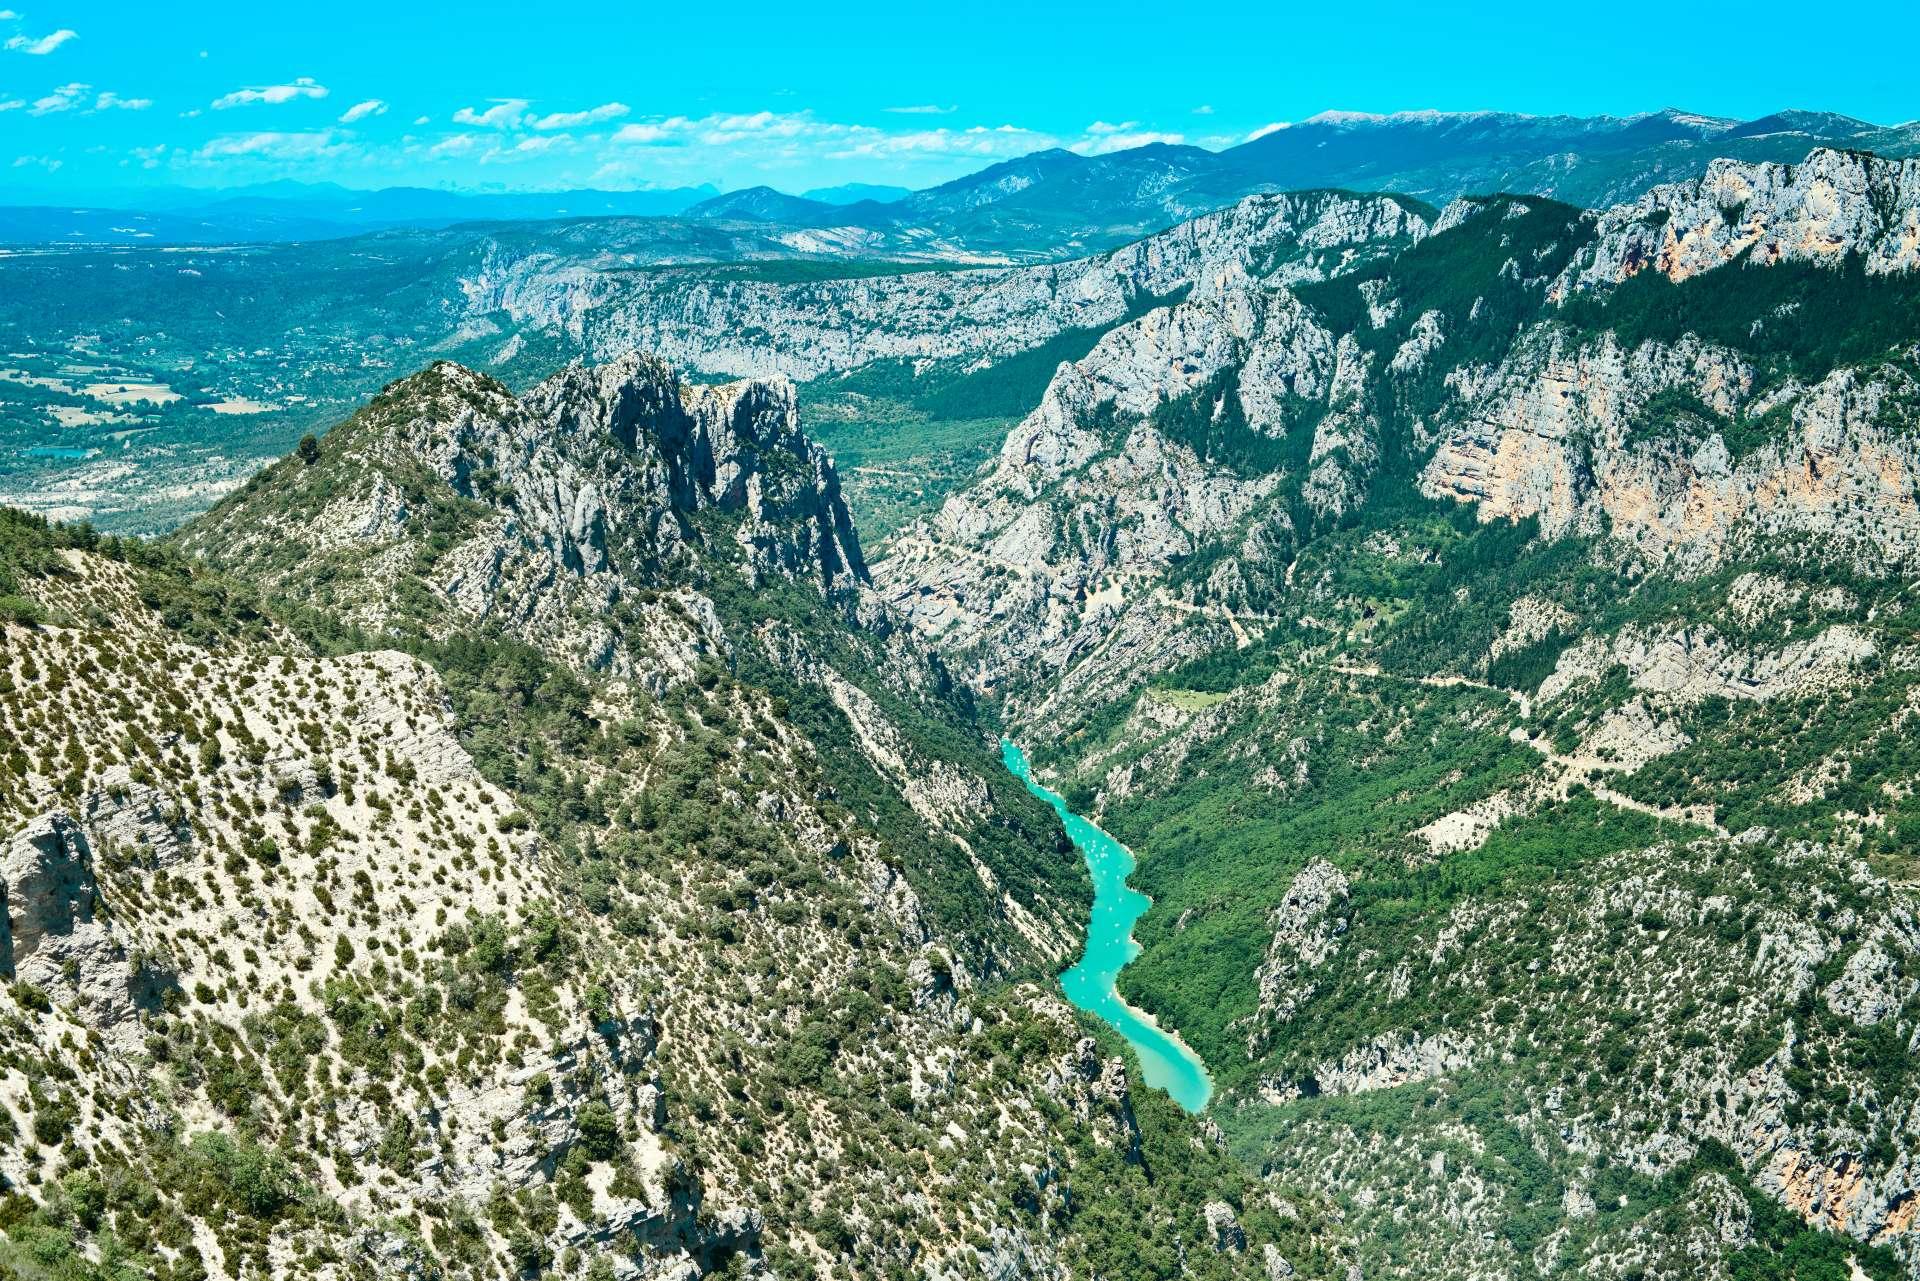 sightseeing tour verdon canyon gorge